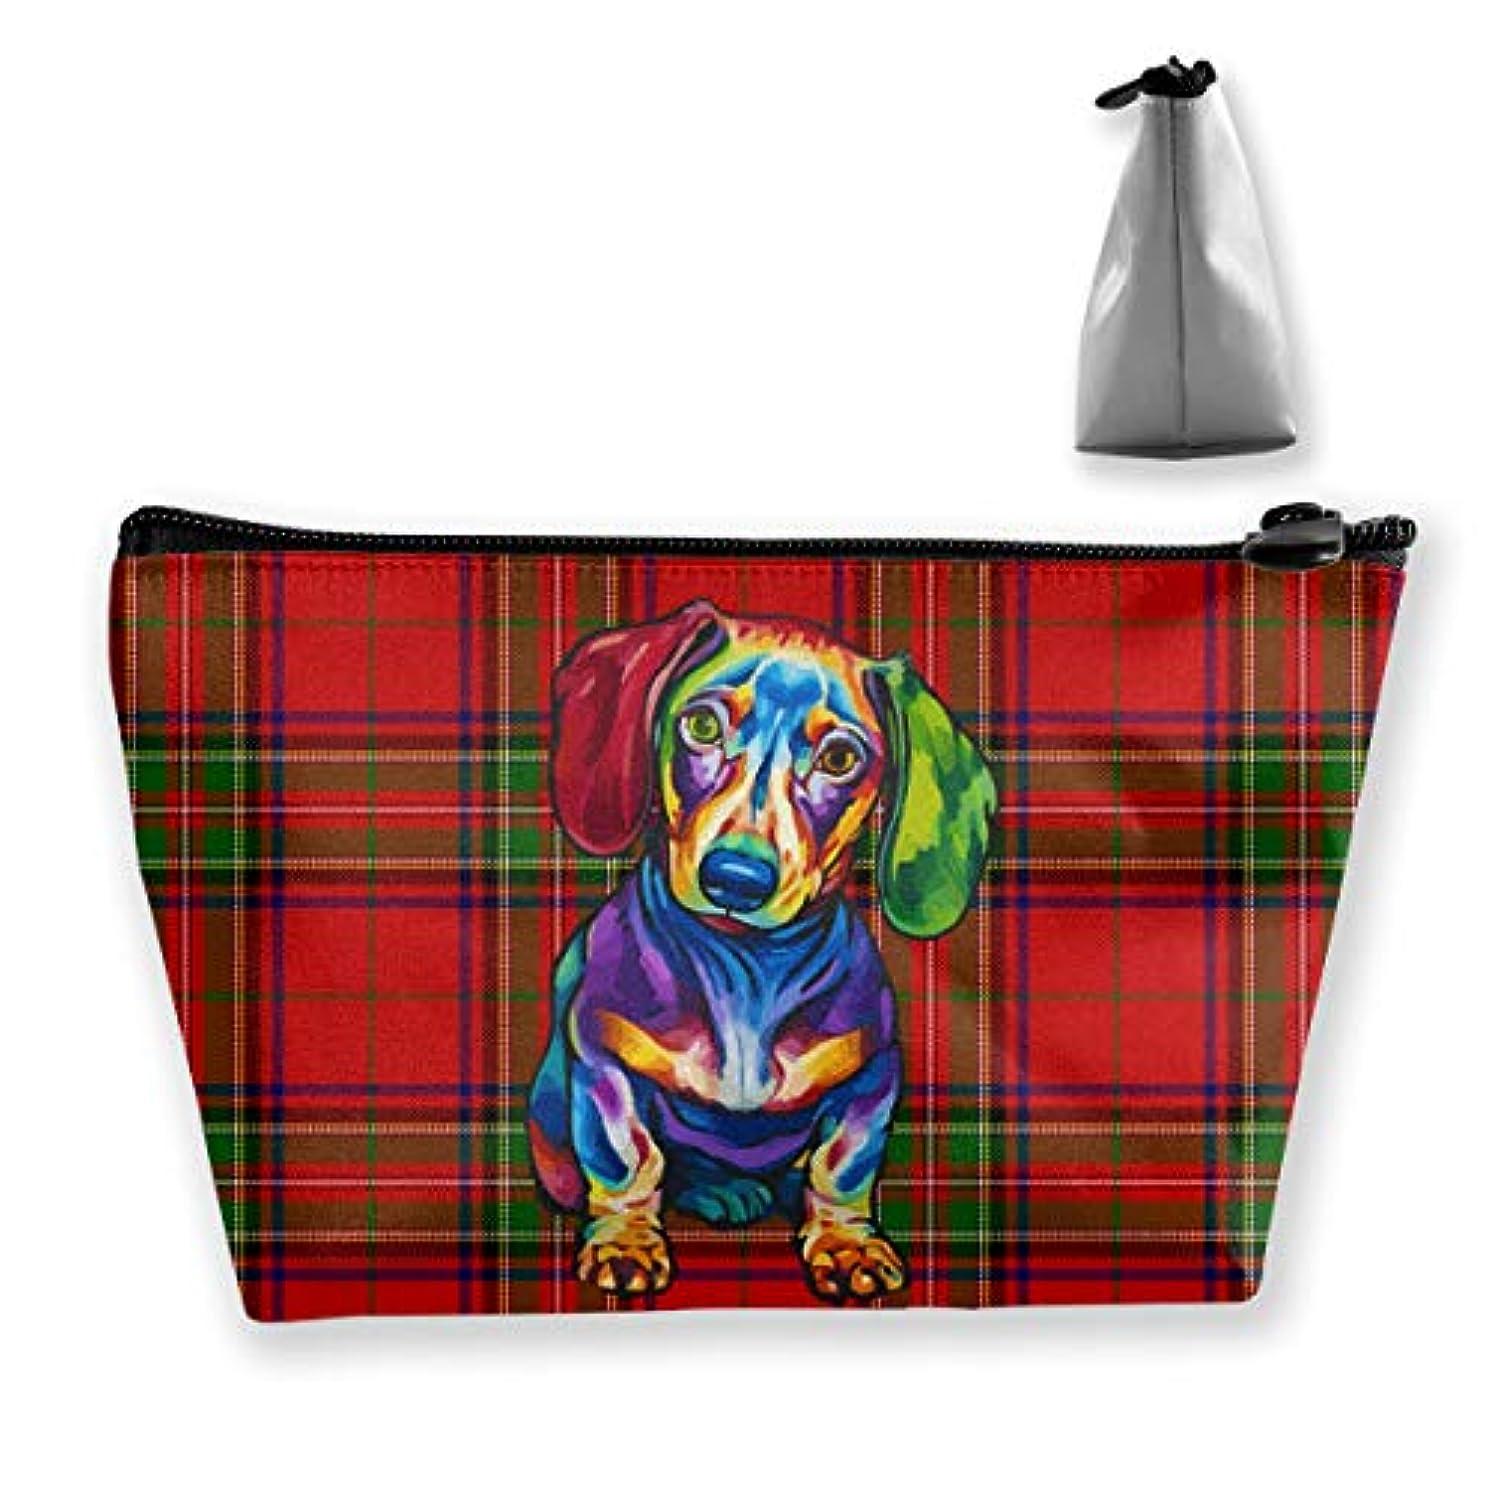 夕暮れ傘がっかりするSzsgqkj 赤いスコットランドの柄 猟腸犬 化粧品袋の携帯用旅行構造の袋の洗面用品の主催者